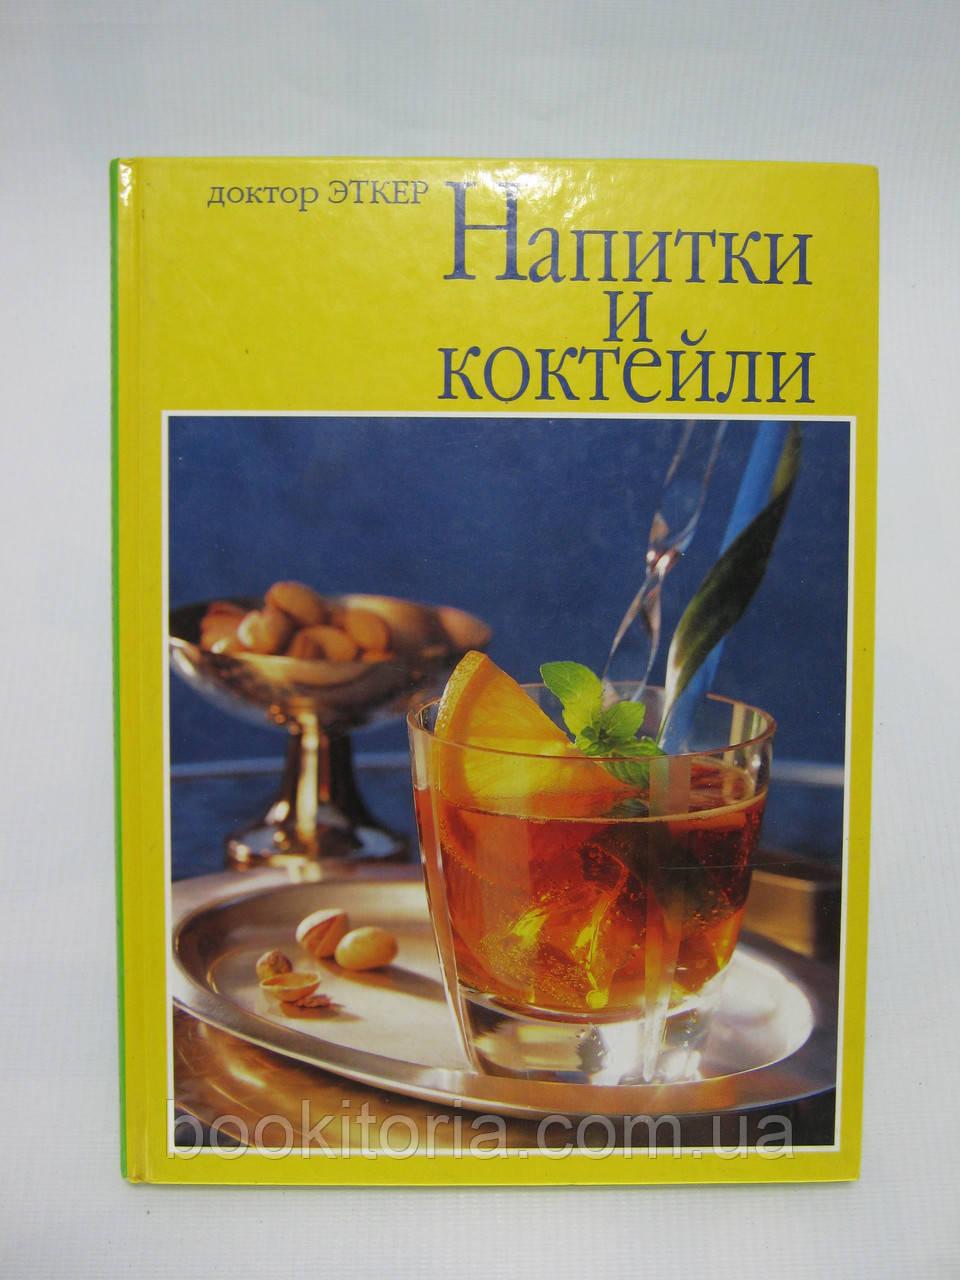 Доктор Эткер. Напитки и коктейли (б/у).